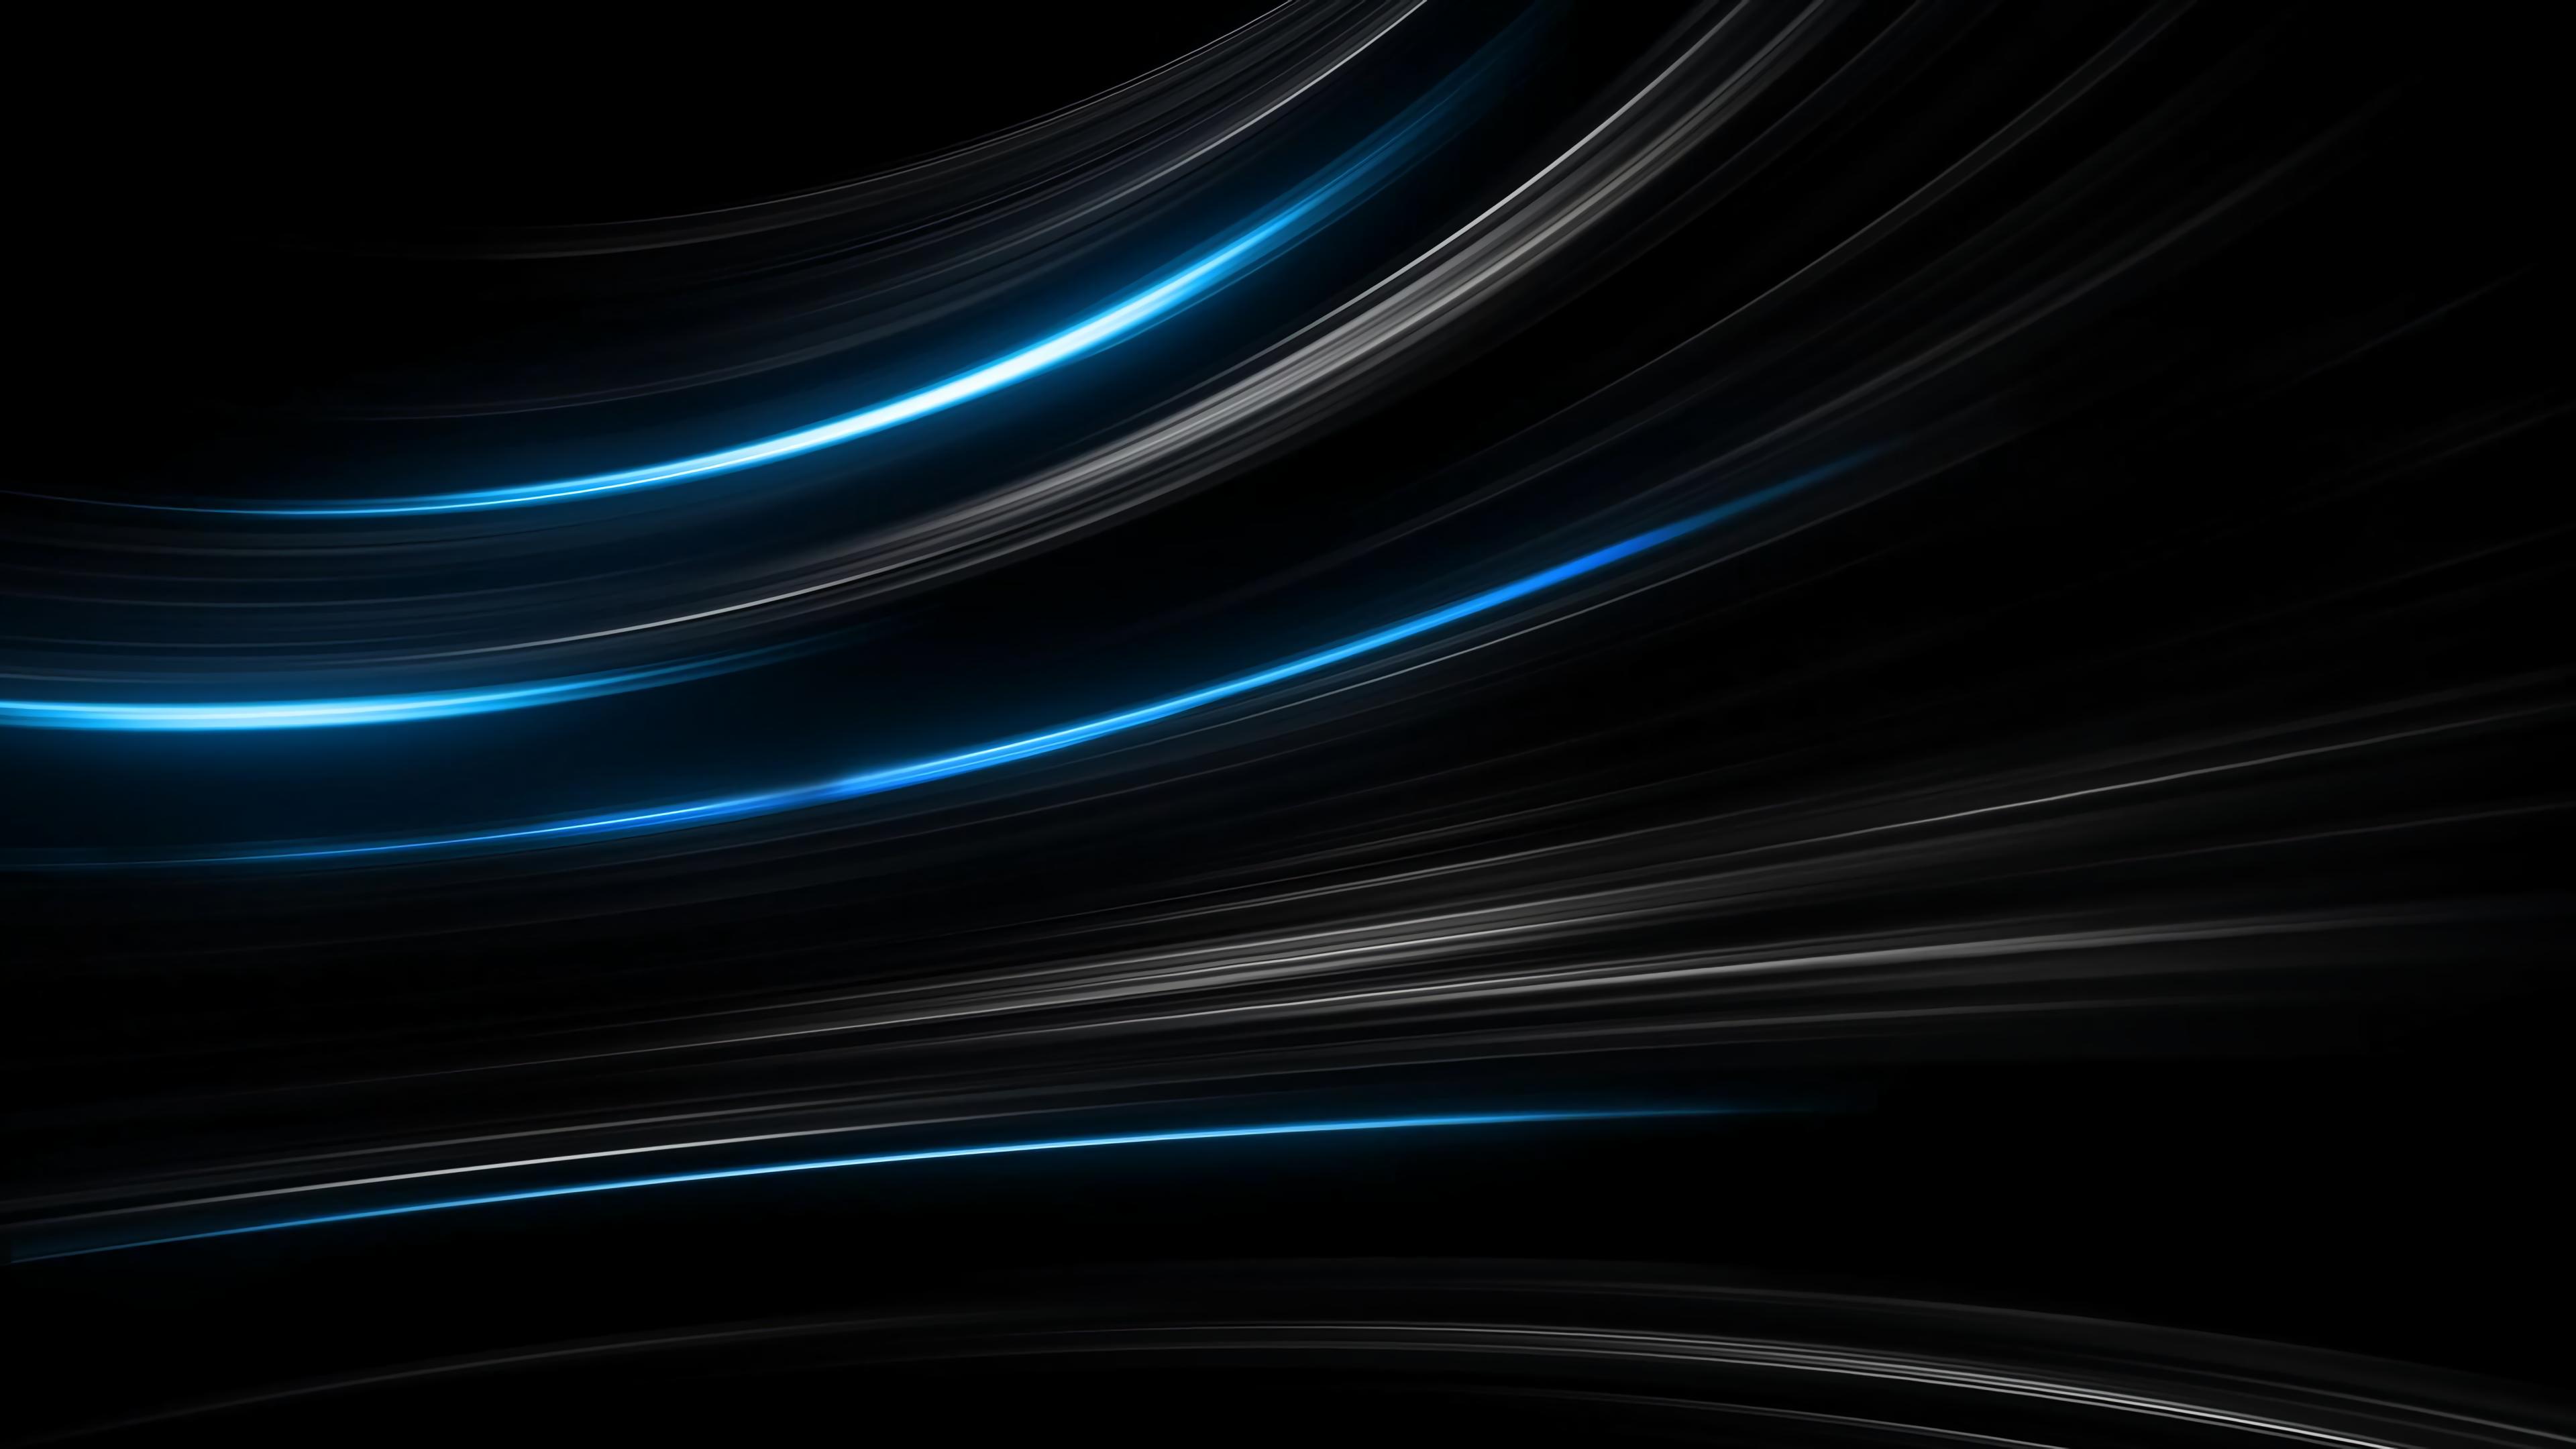 かっこいい壁紙 おしゃれまとめの人気アイデア Pinterest Ouga S 青い壁紙 暗闇の中の光 黒の壁紙